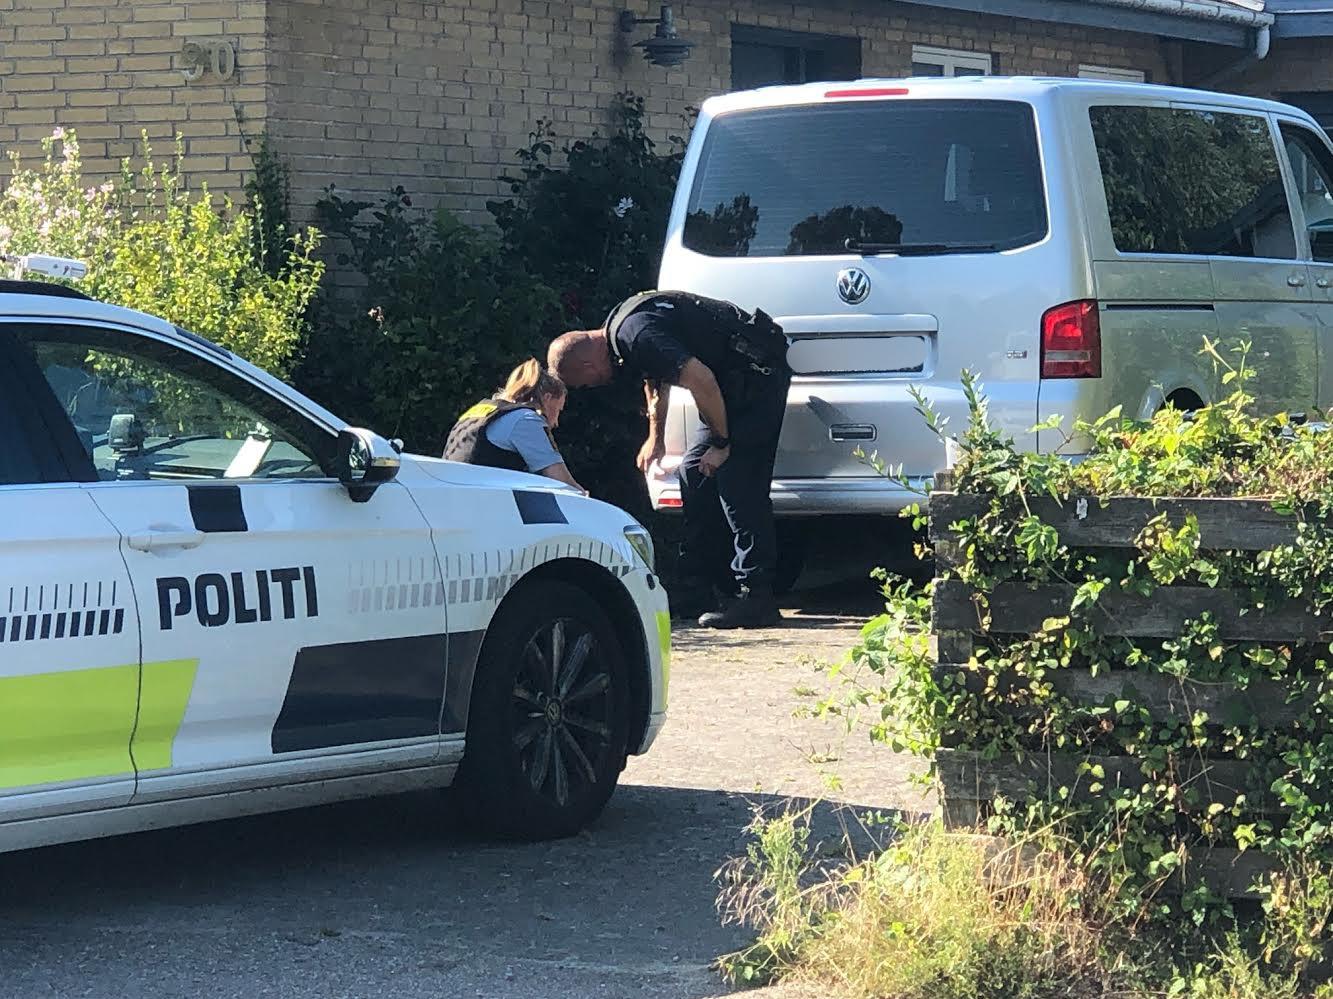 Politiaktion i Gilleleje